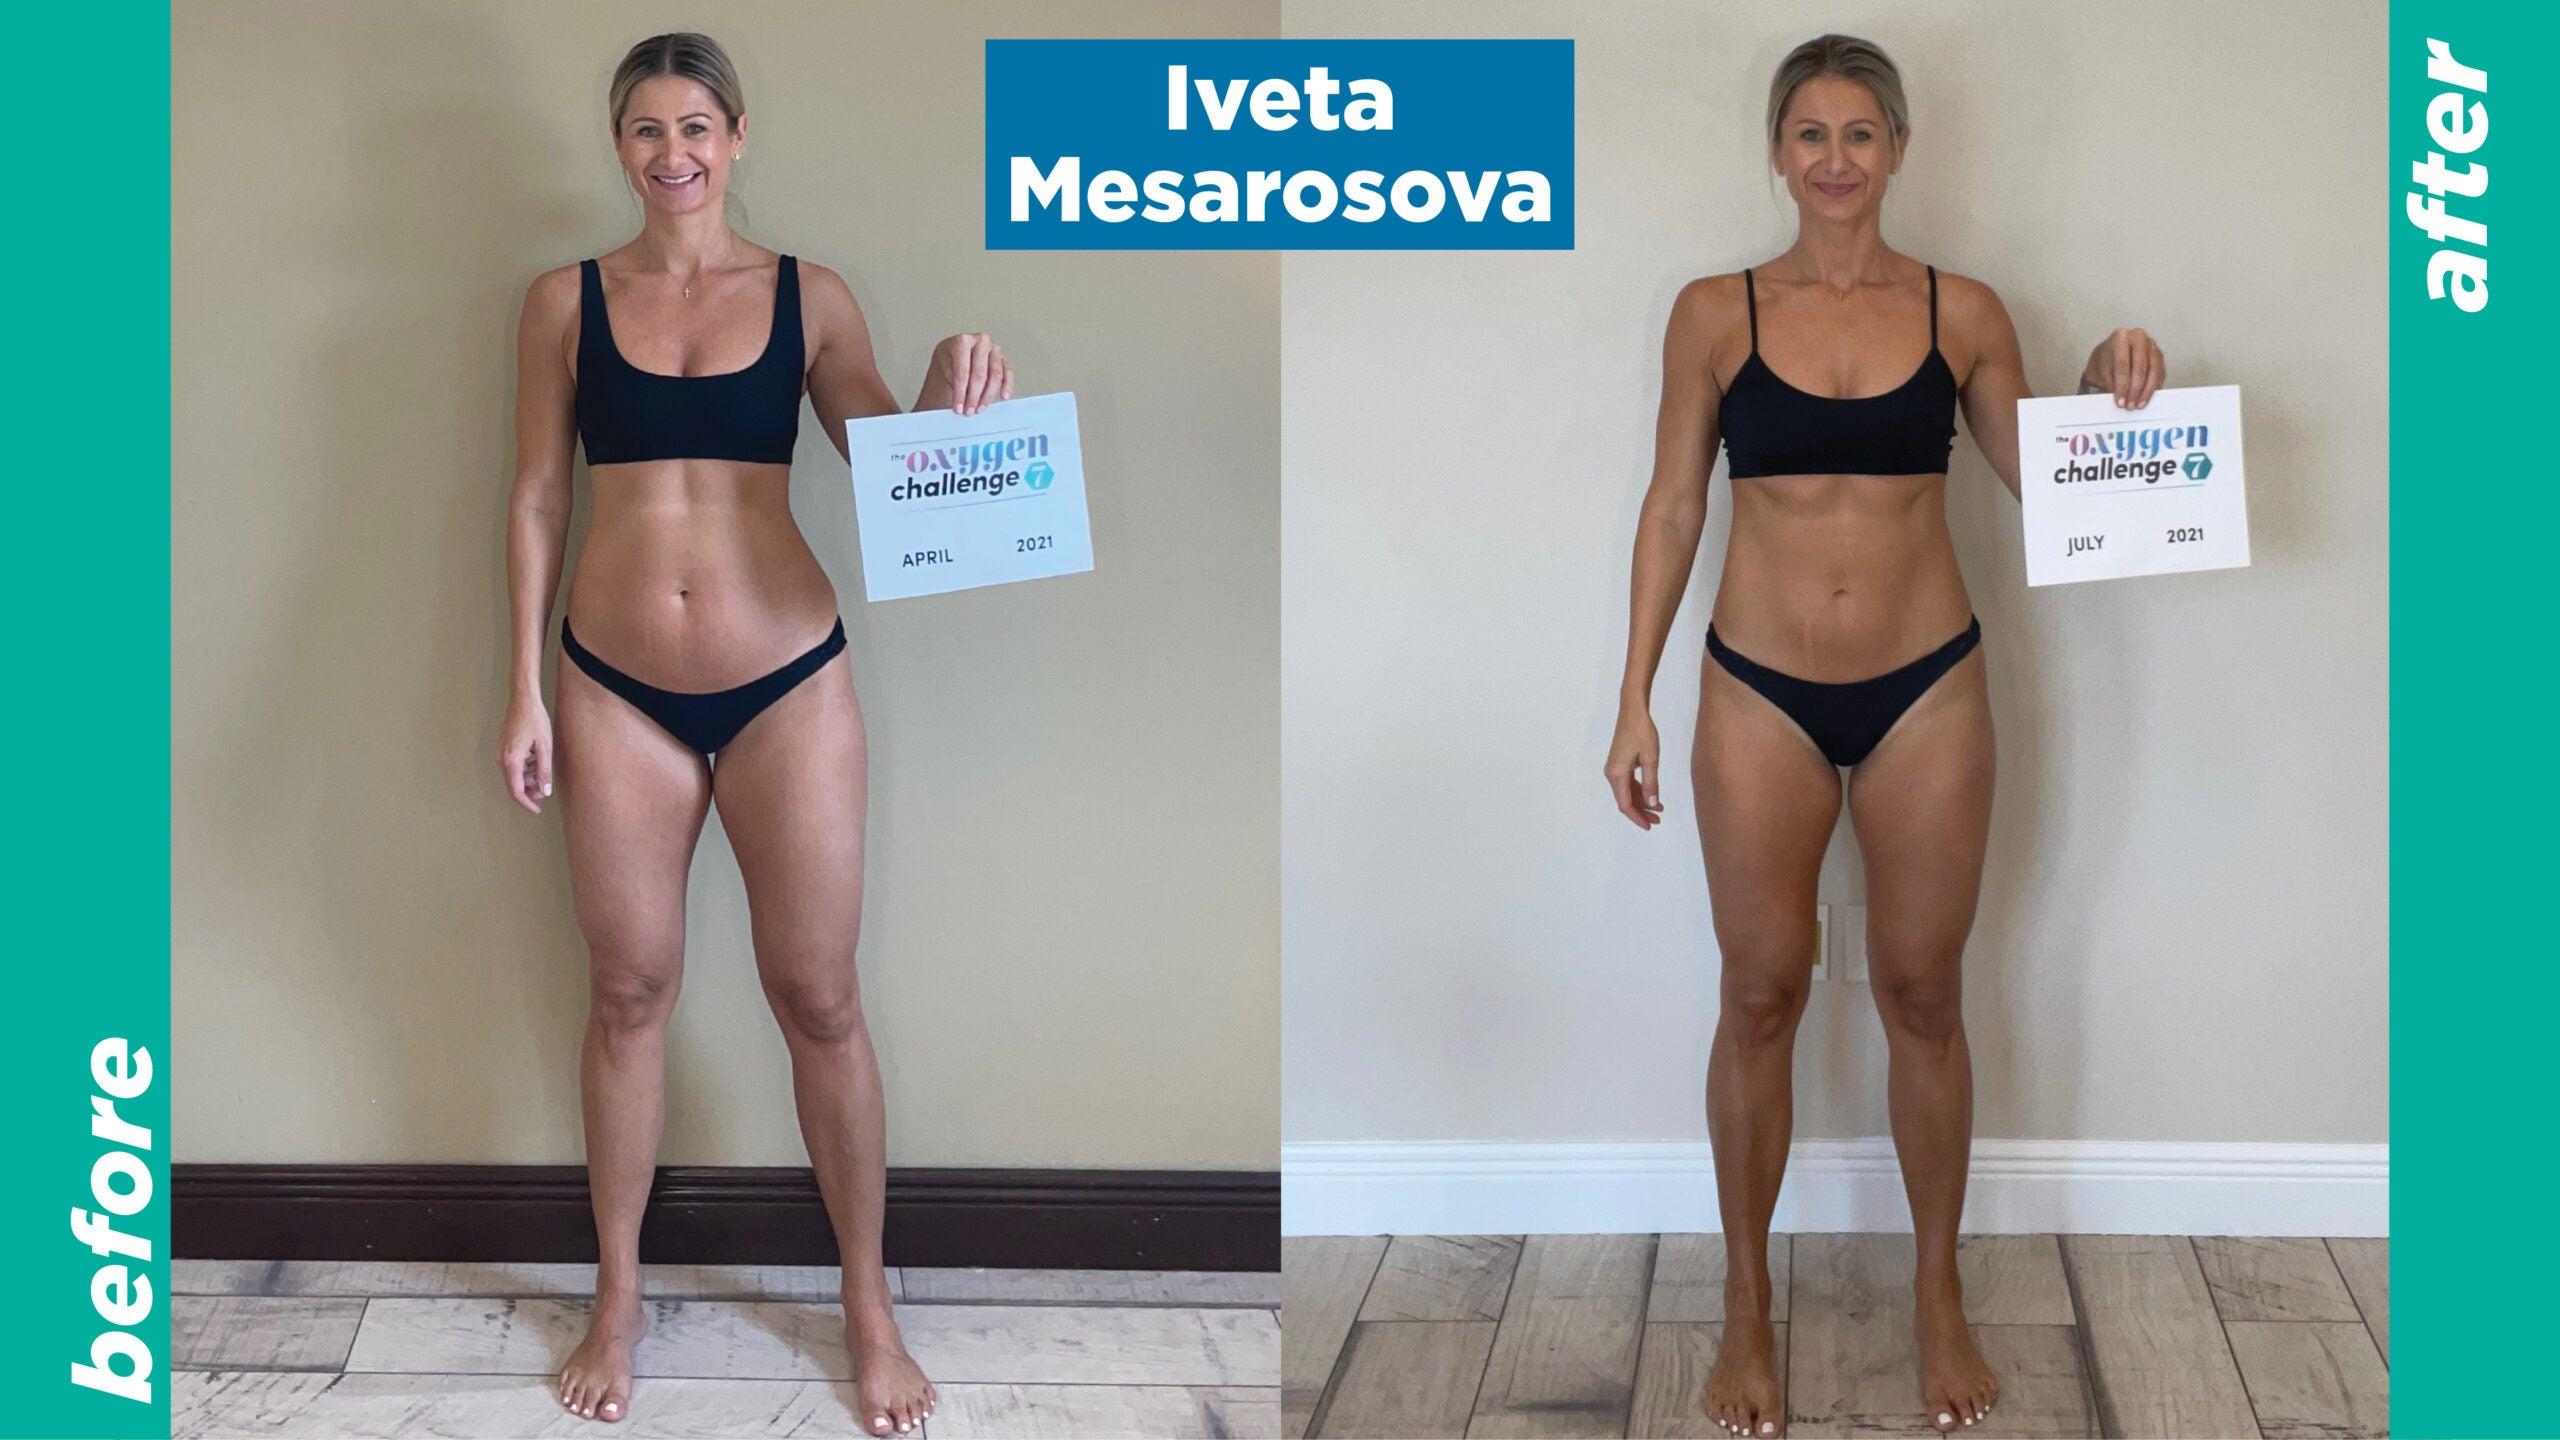 Iveta Mesarosova